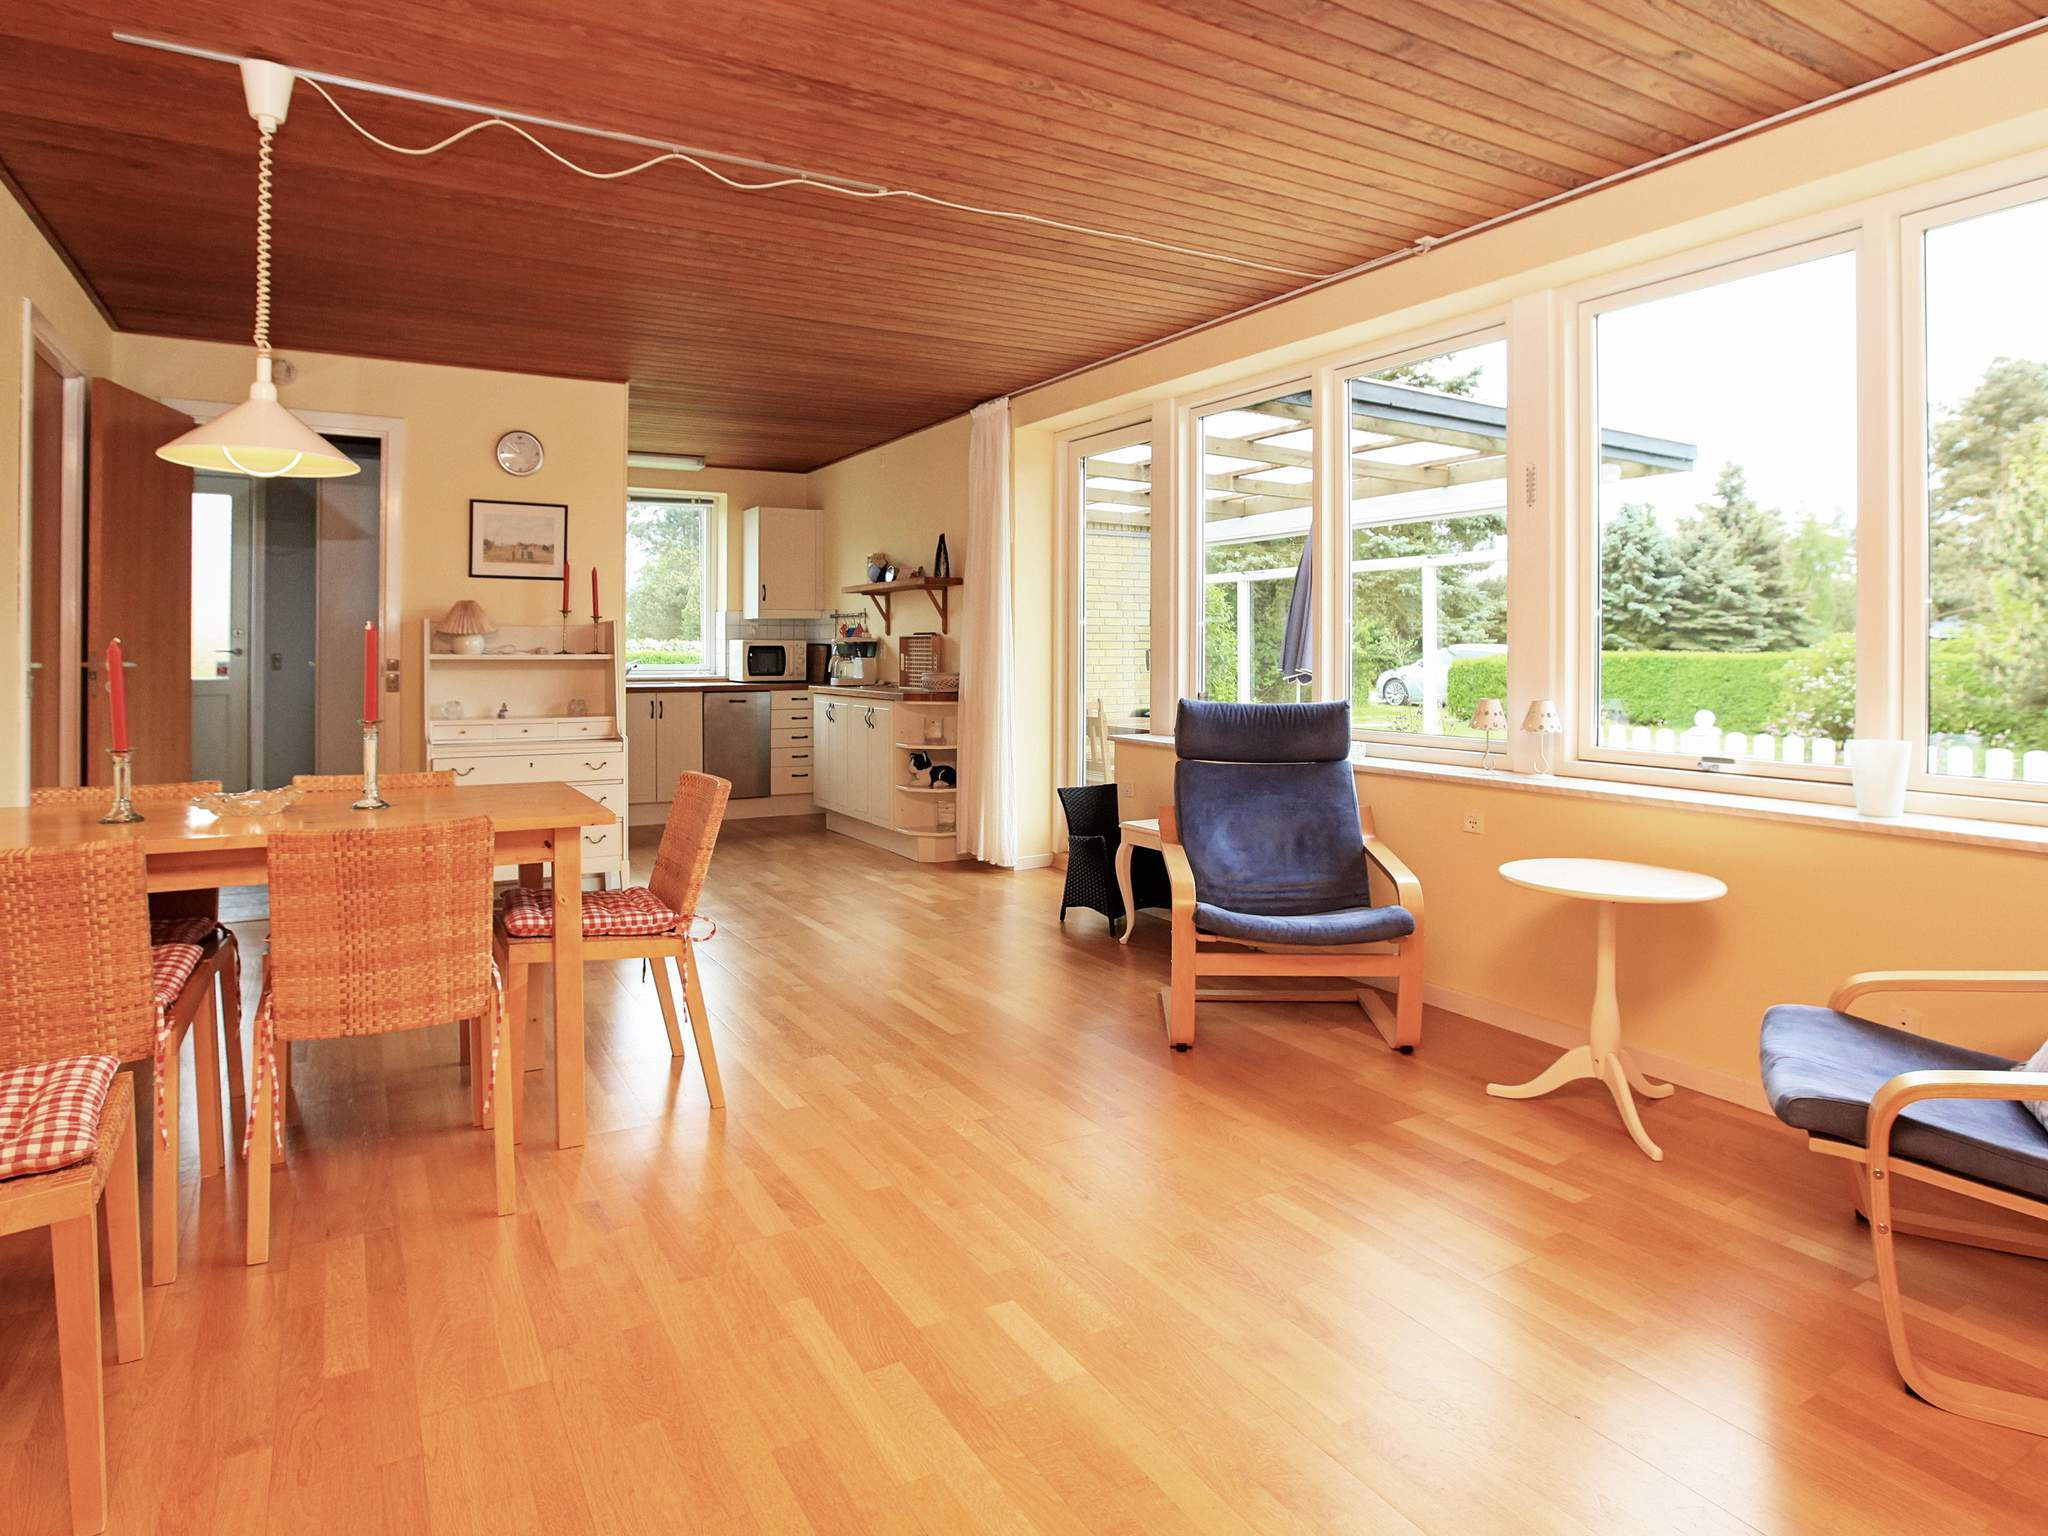 Ferienhaus Hummingen (125876), Hummingen, , Lolland, Dänemark, Bild 7